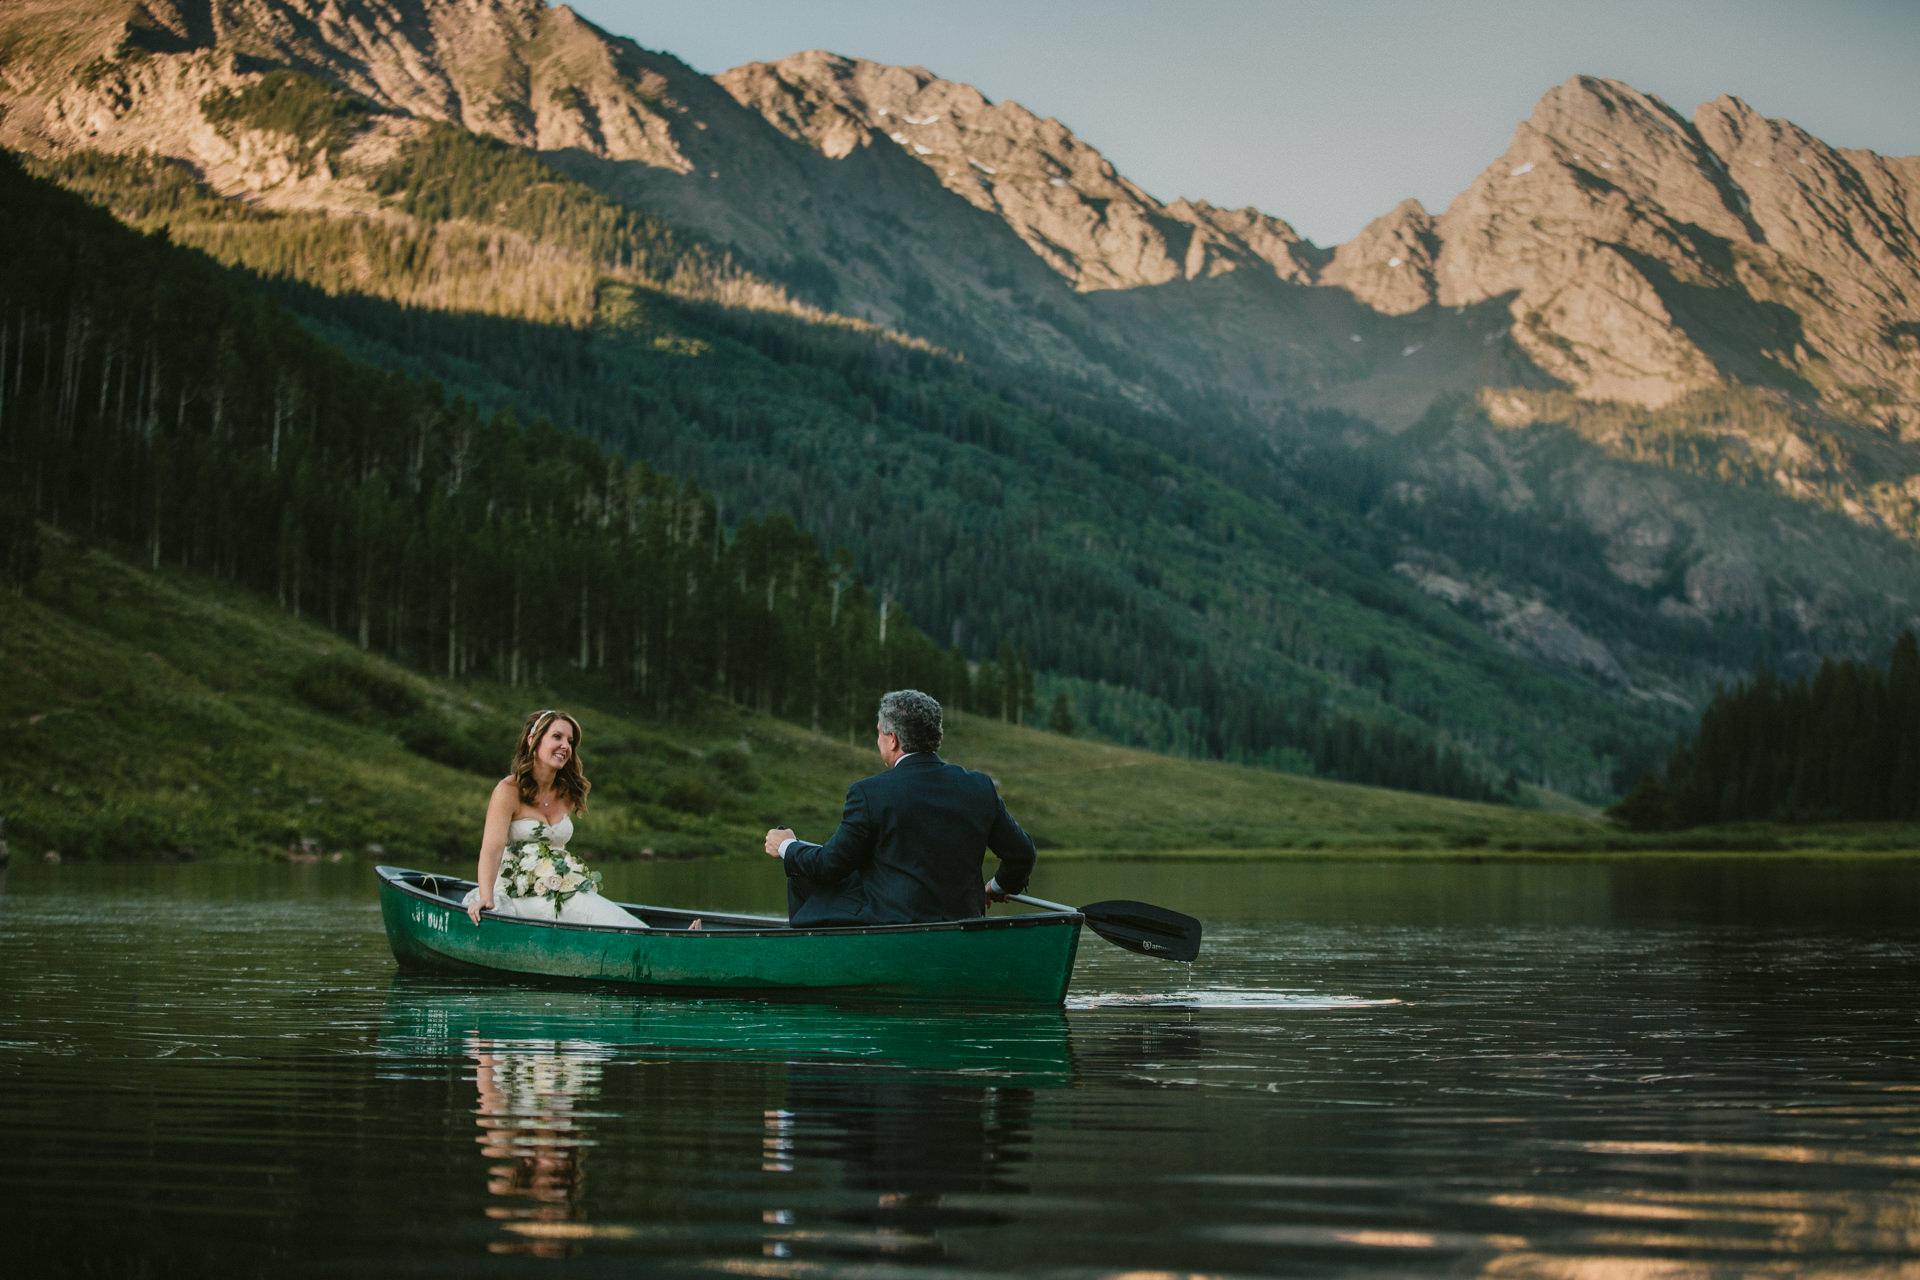 皮尼河牧场-韦尔,CO婚纱摄影| 日落后晚餐后乘独木舟